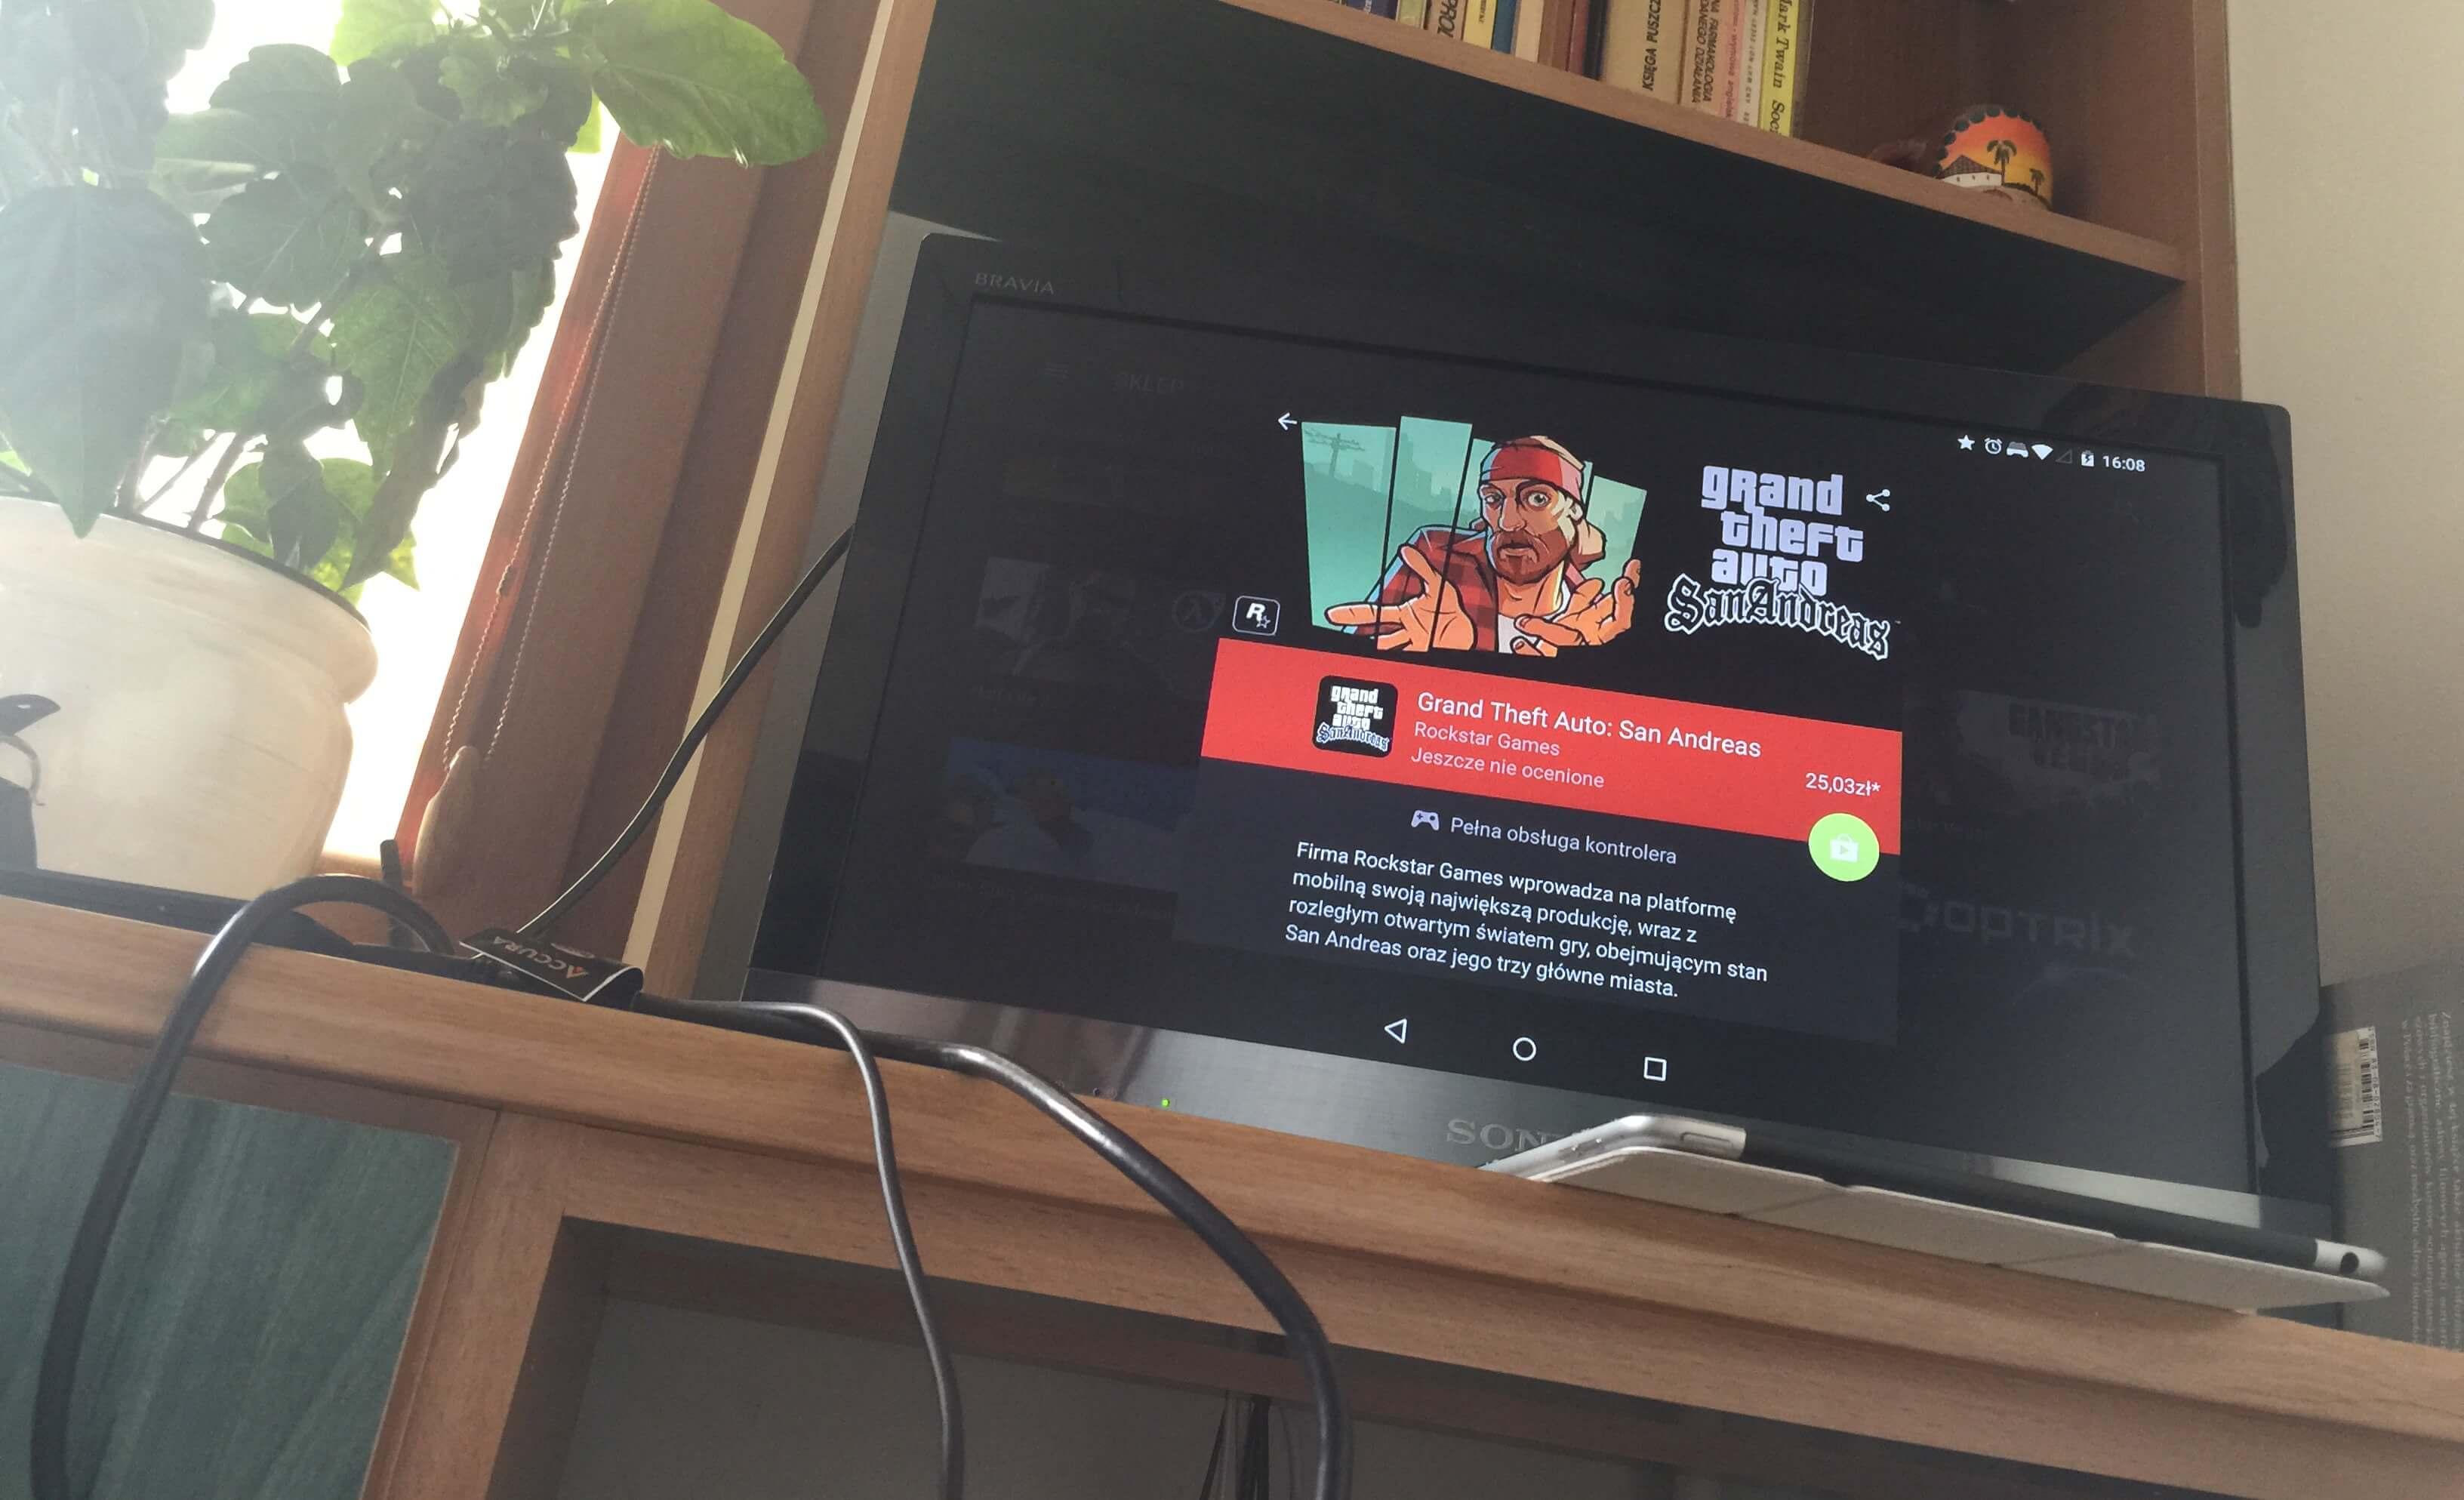 nvidia streaming